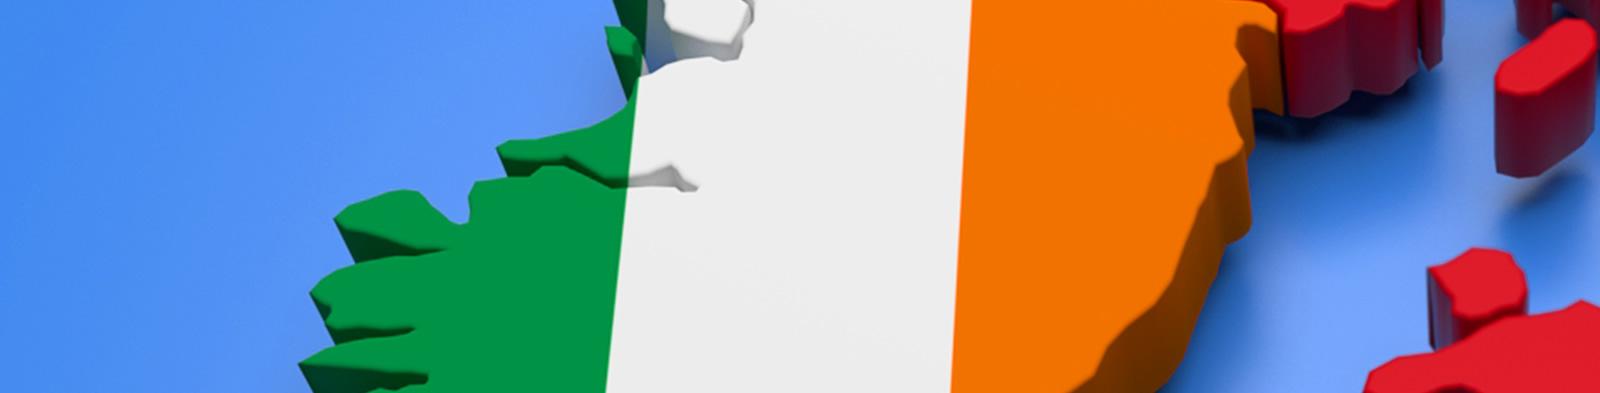 The Irish Tricolour